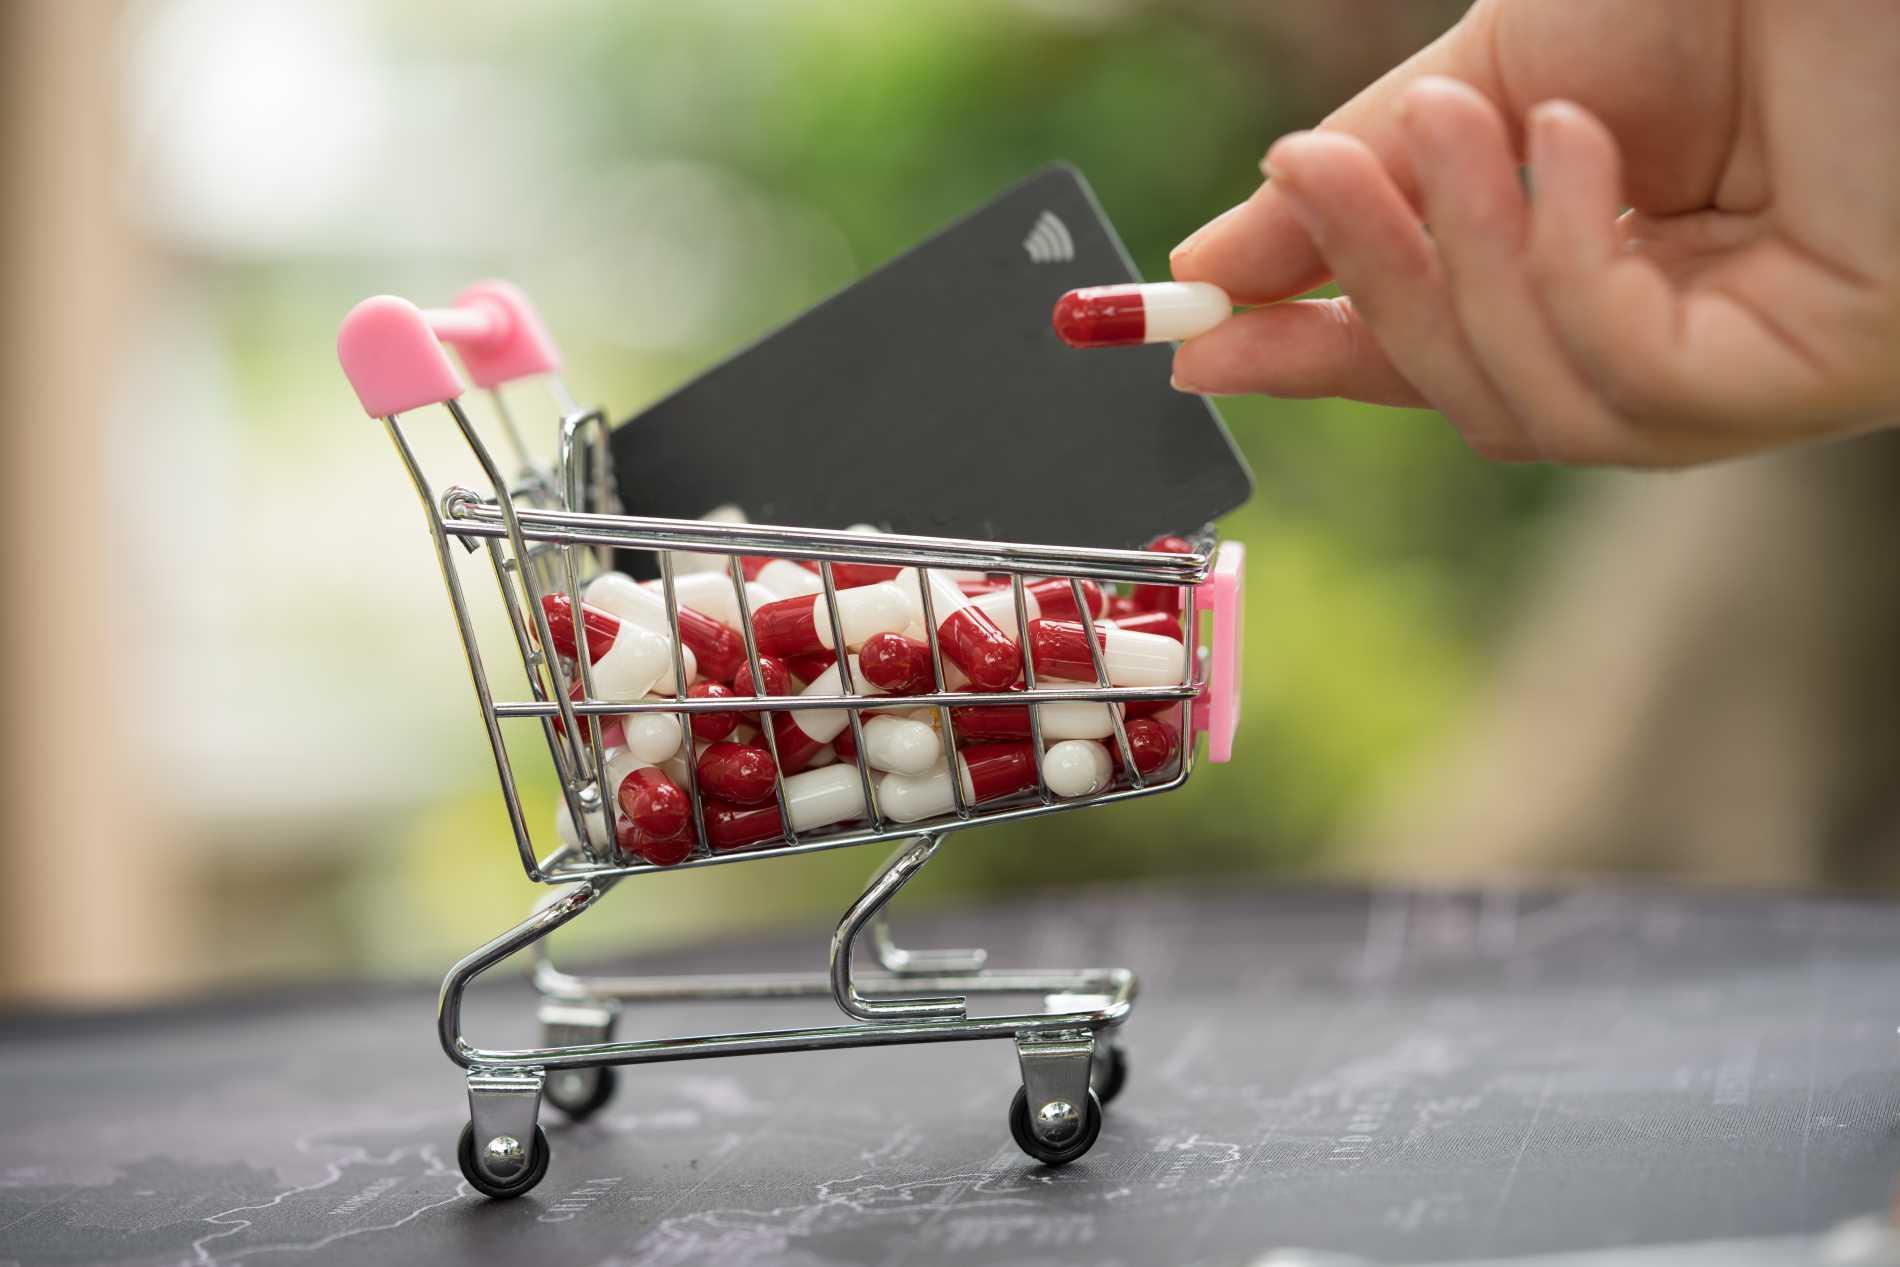 Herbal Supplement Panic Buying During Coronavirus crisis